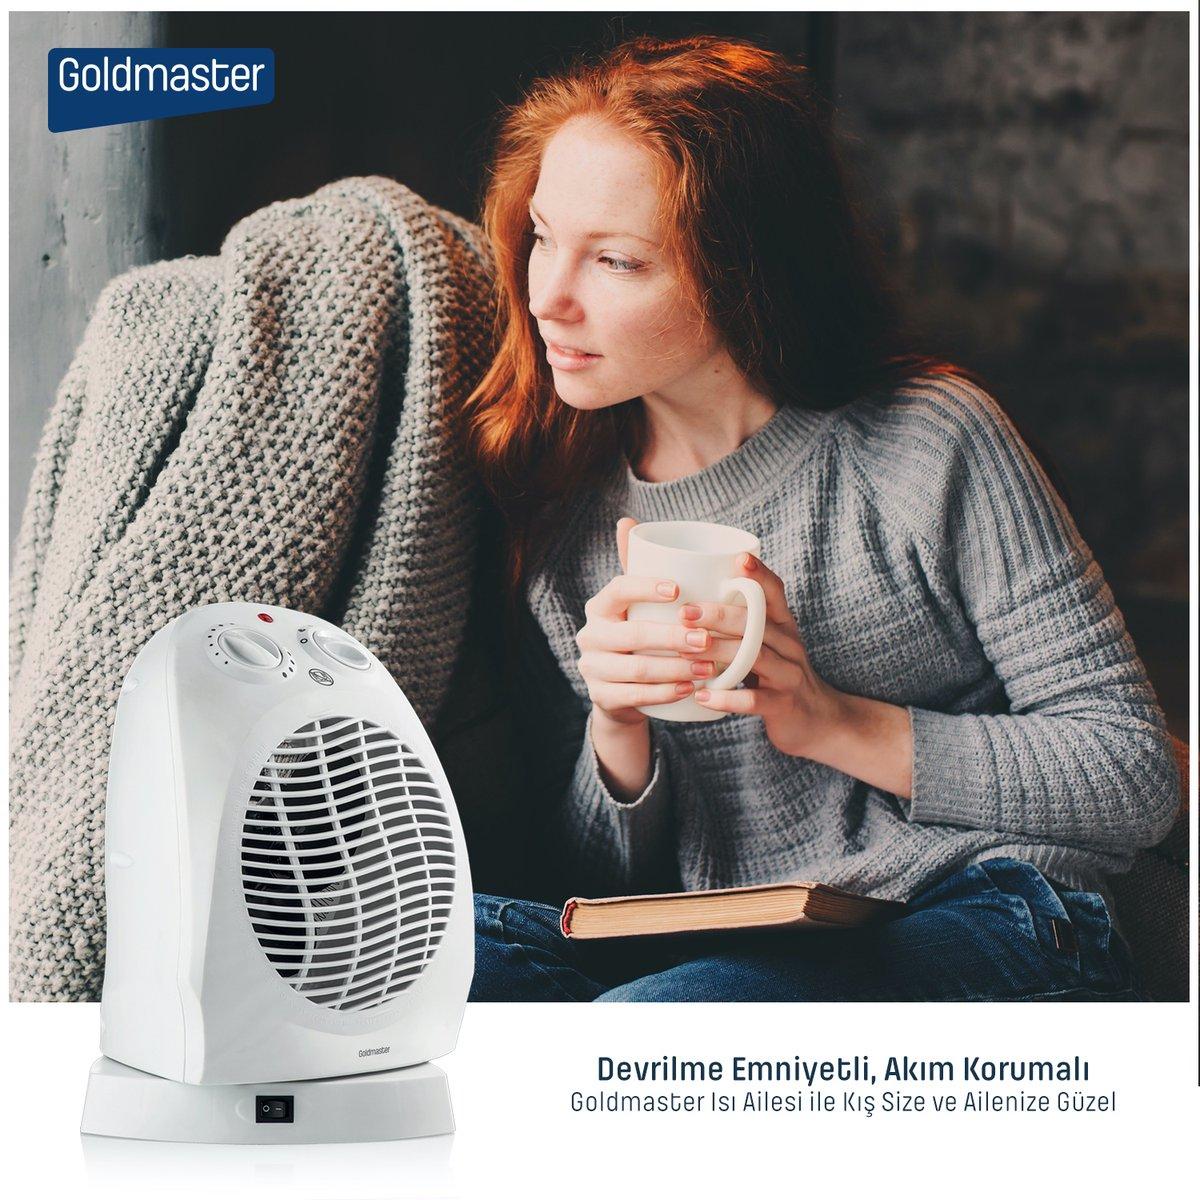 Evin her köşesinde, hatta iş yerlerinizde bile kolaylıkla kullanacağınız, kullanım kolaylığı sağlayan fanlı Mars ısıtıcılar ile sıcağa doyacaksınız… #goldmaster #ısıtıcı #fan #fanlıısıtıcı #kampanya #indirim #fırsat https://t.co/viP8bce3ZT